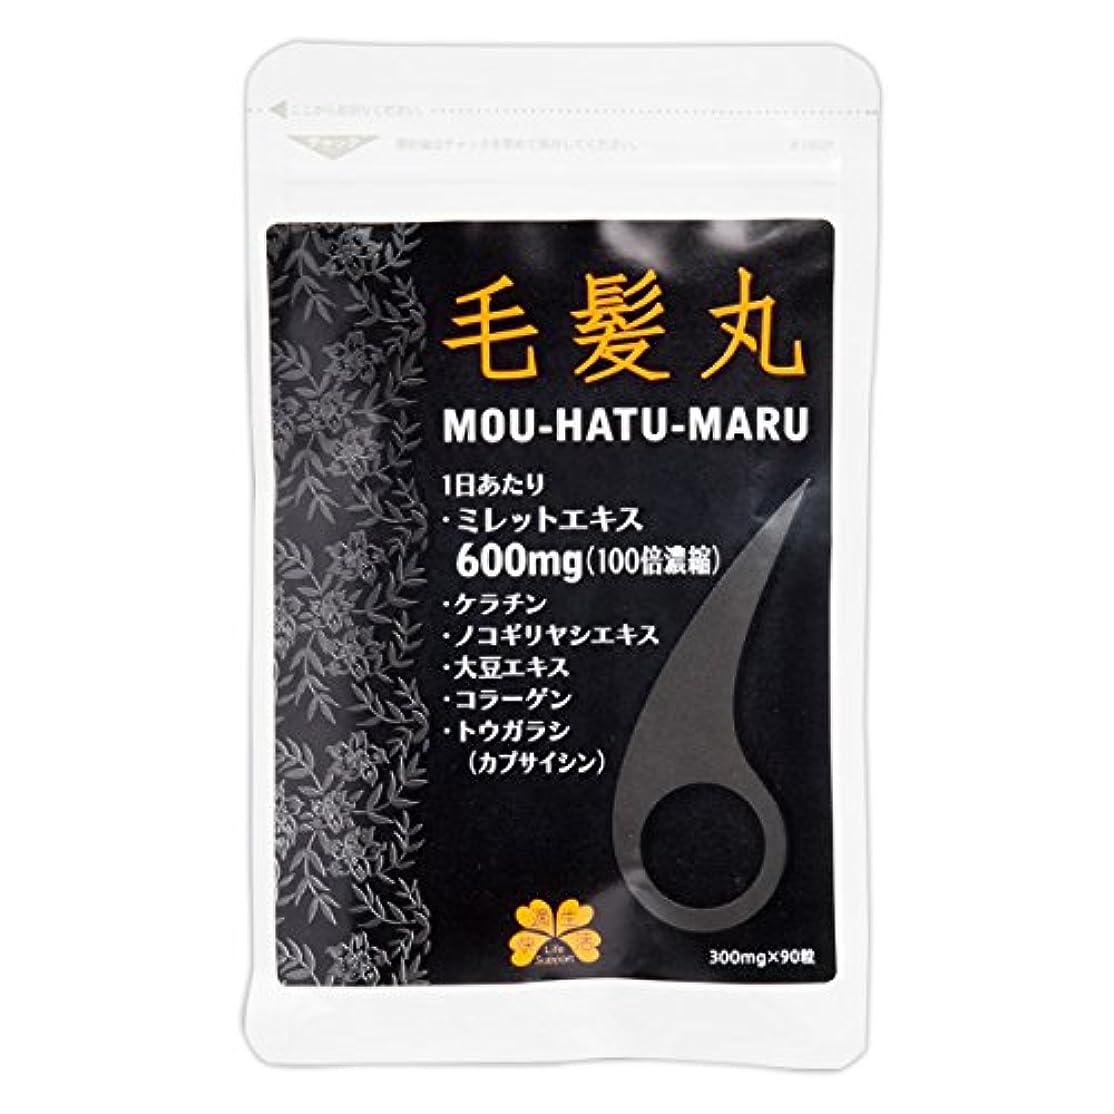 適応する電気陽性場合毛髪丸 合計3袋セット(2+1袋)